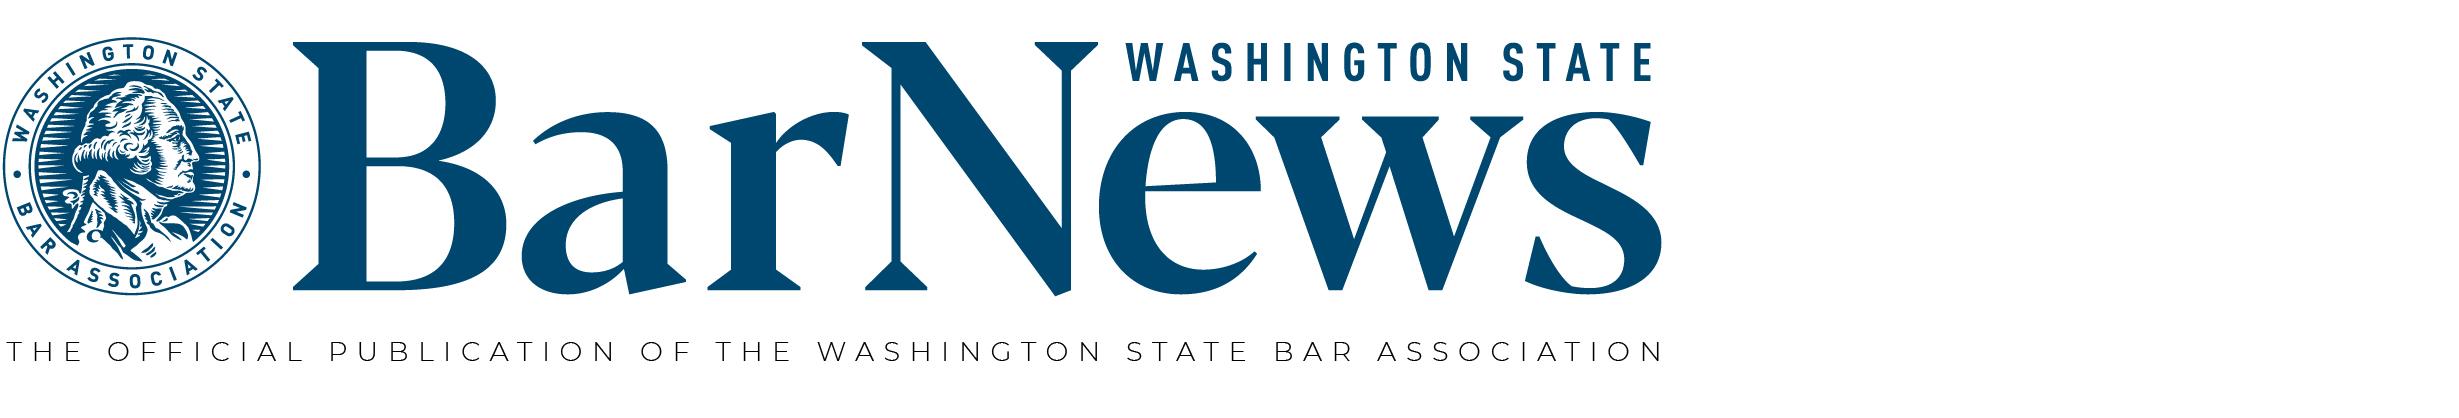 Washington State Bar News